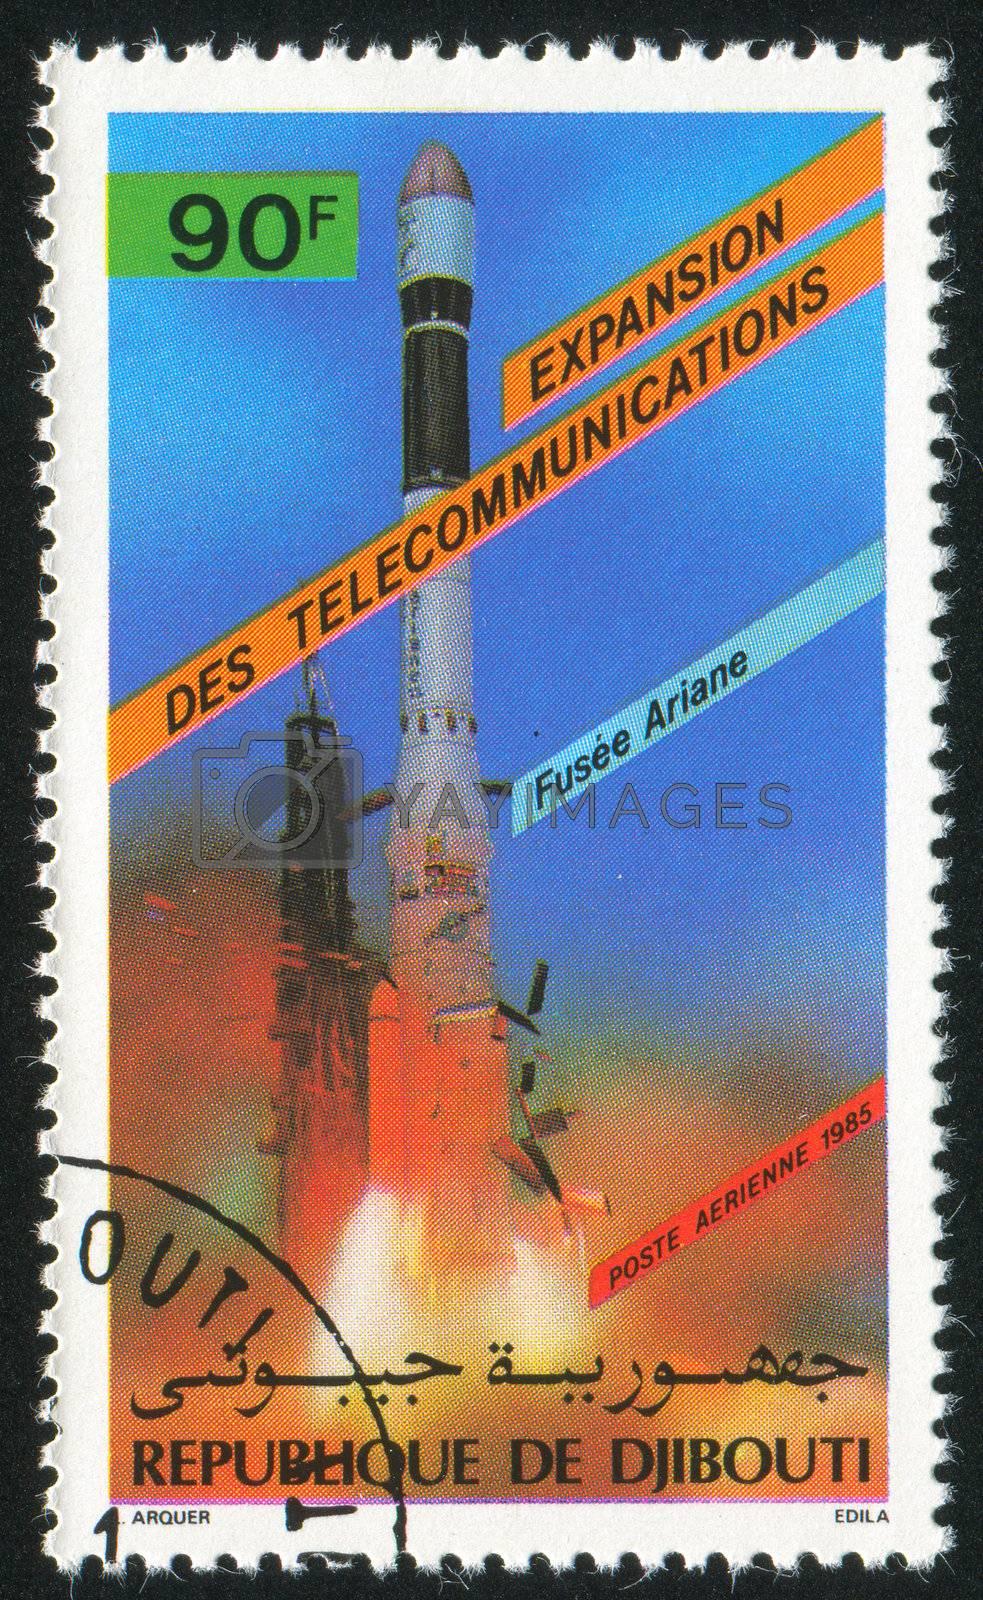 DJIBOUTI - CIRCA 1985: stamp printed by Djibouti, shows rocket, circa 1985